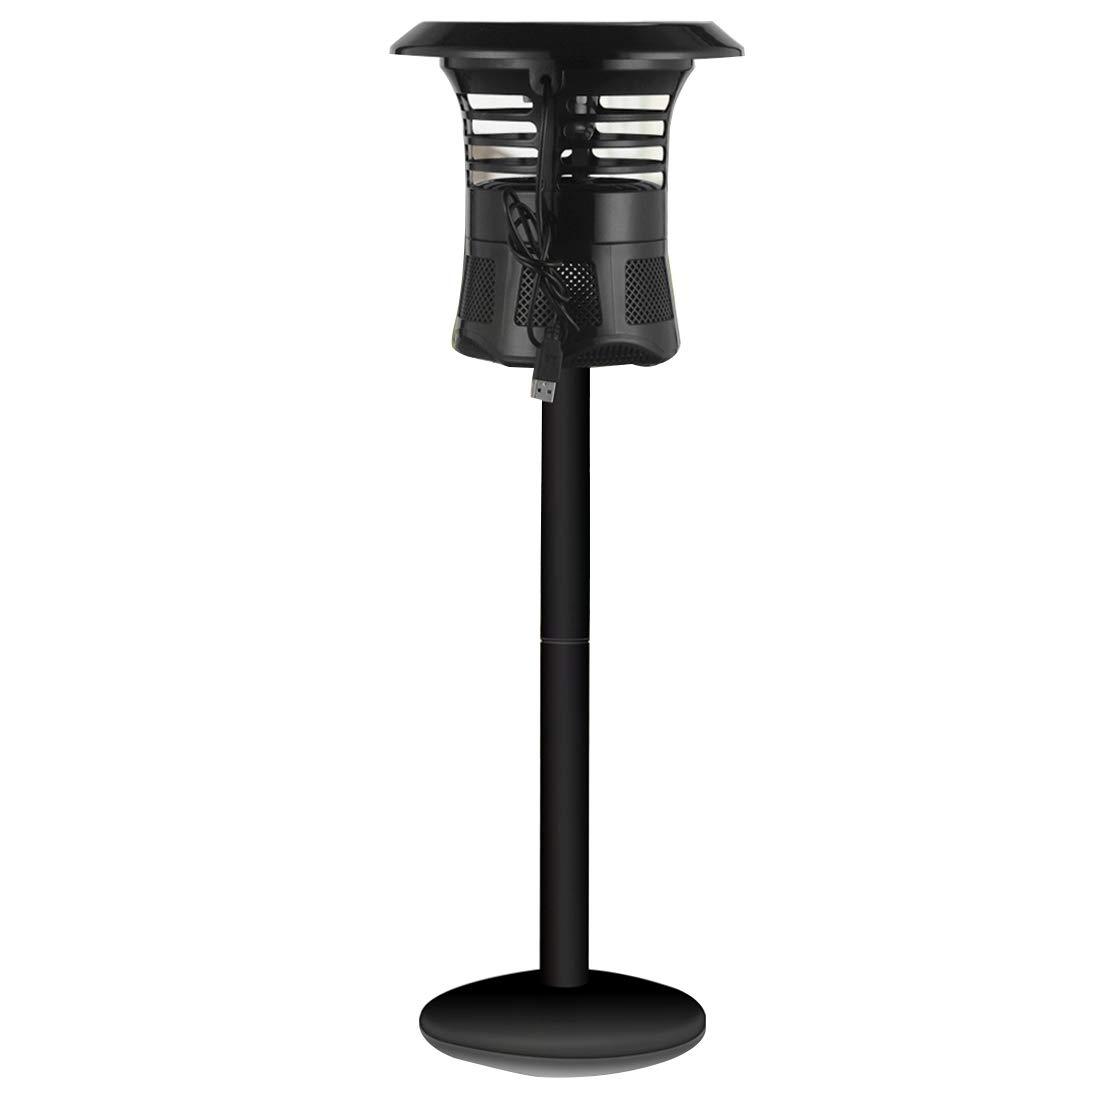 Songlin@yuan 3W Portatile ABS Shell LED Auto Lampada della zanzara, Porta USB, 60m2 Repellente per zanzare Domestico